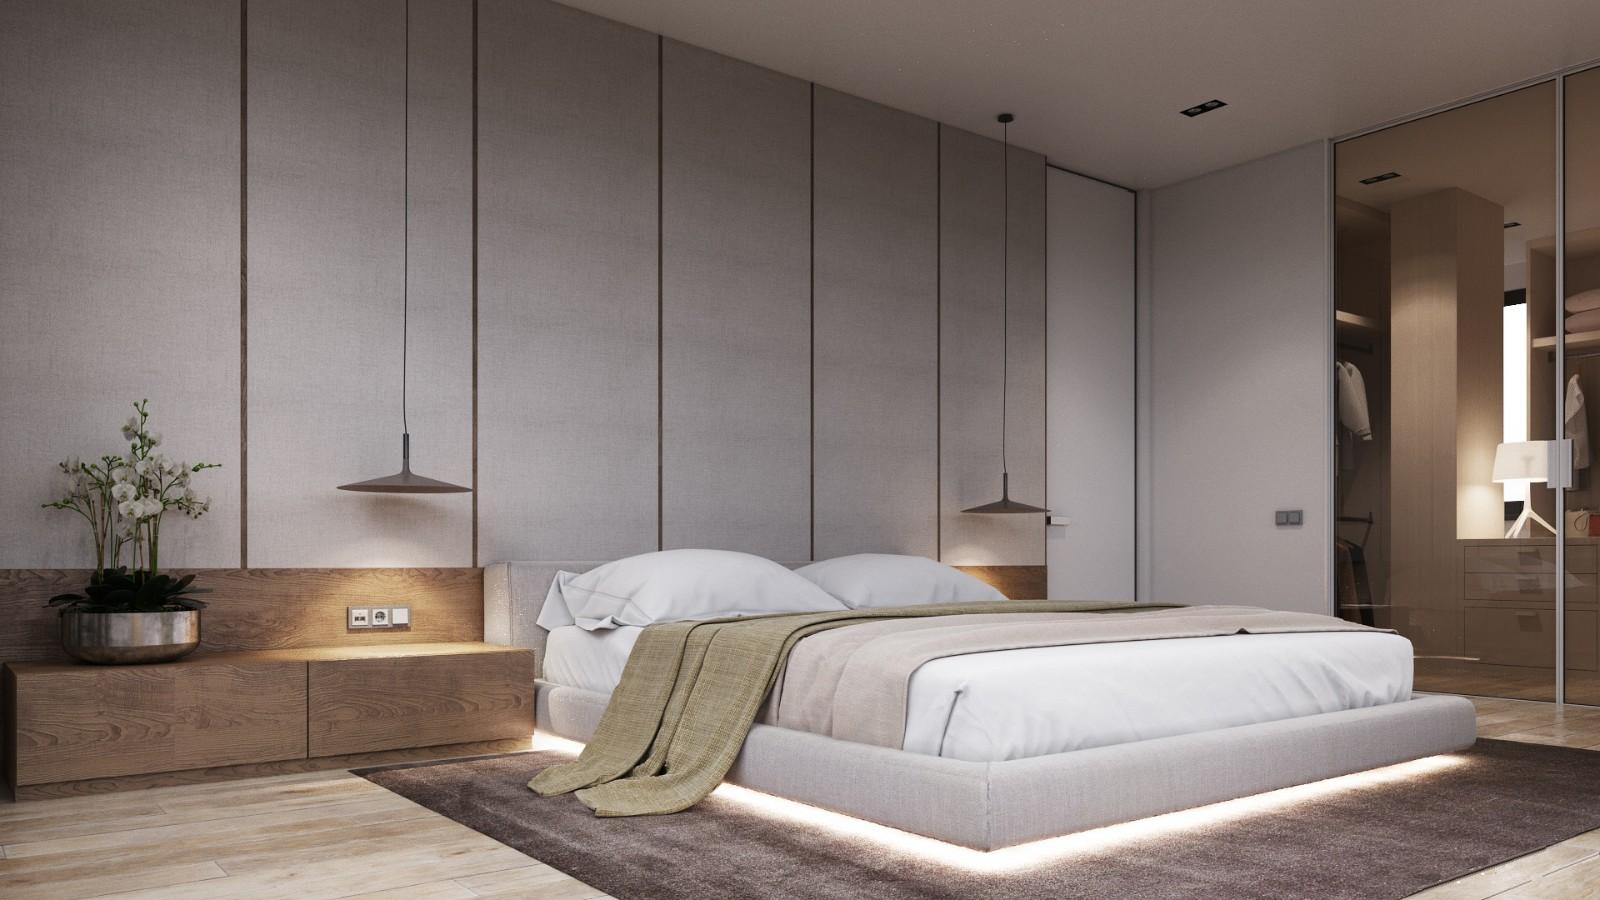 2021田园卧室装修设计图片 2021田园床图片